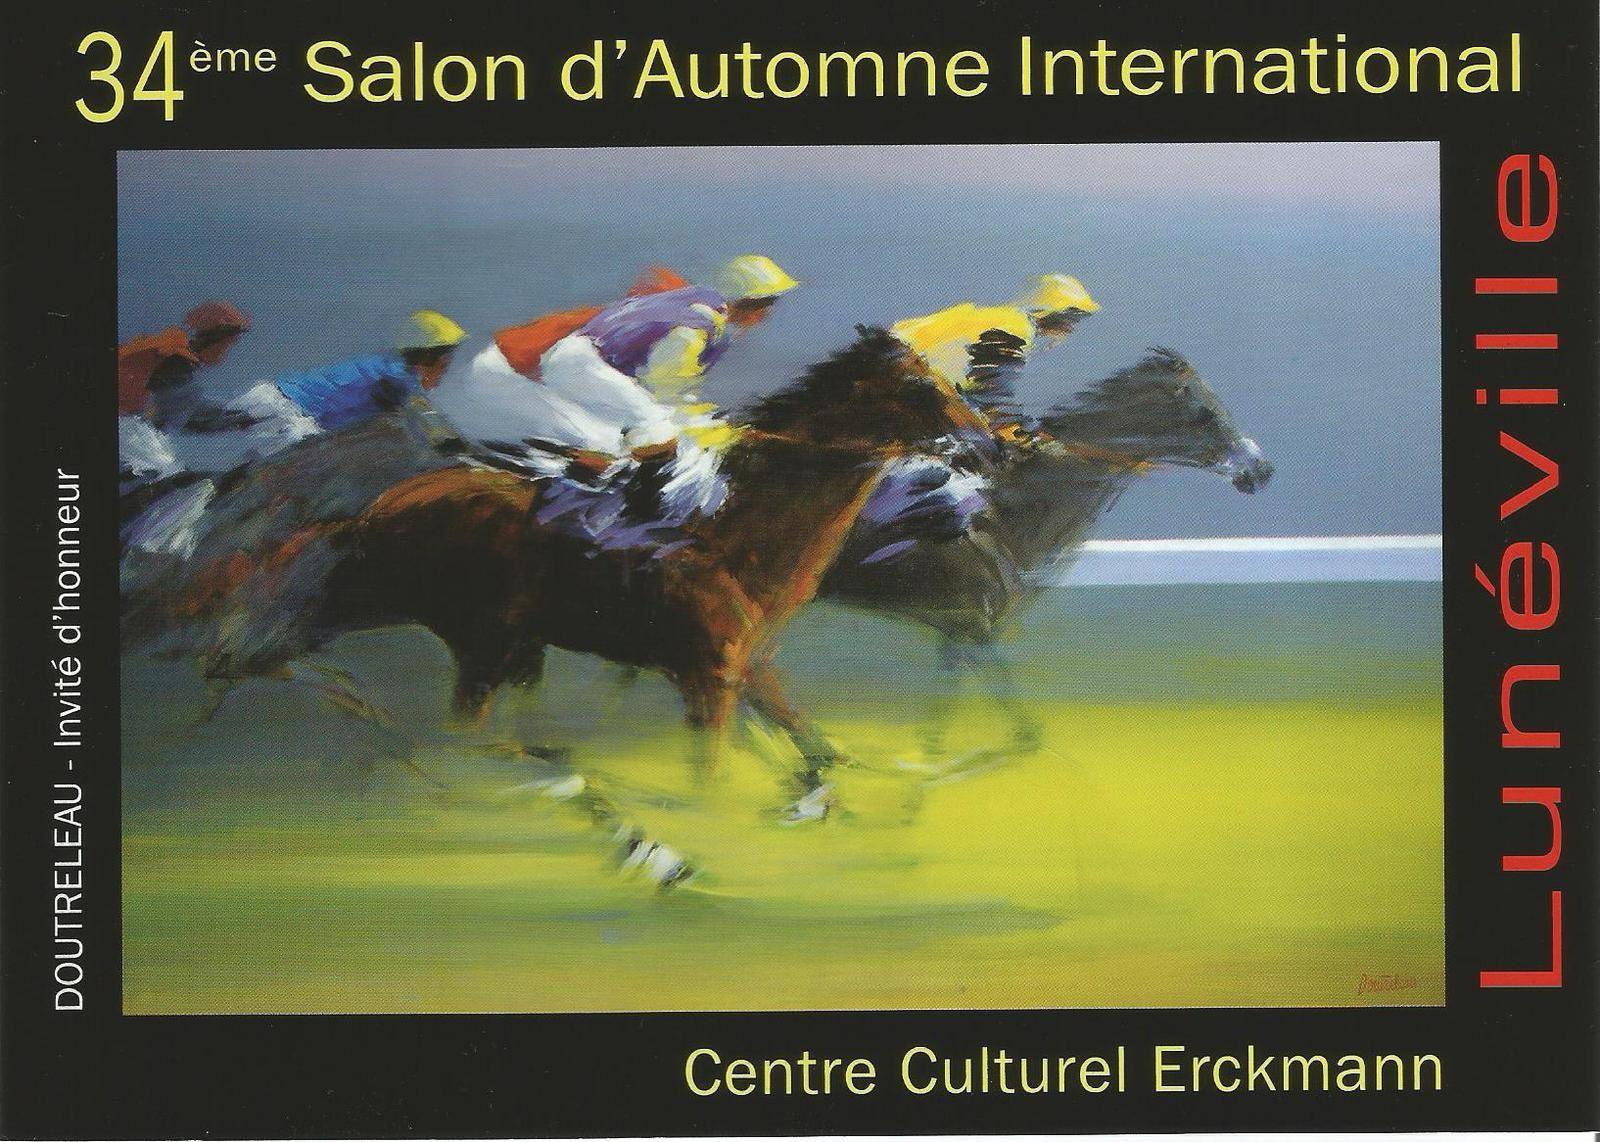 34me Salon Automne International de Lunville du 3 octobre au 26 octobre 2015  LLOMAludovic